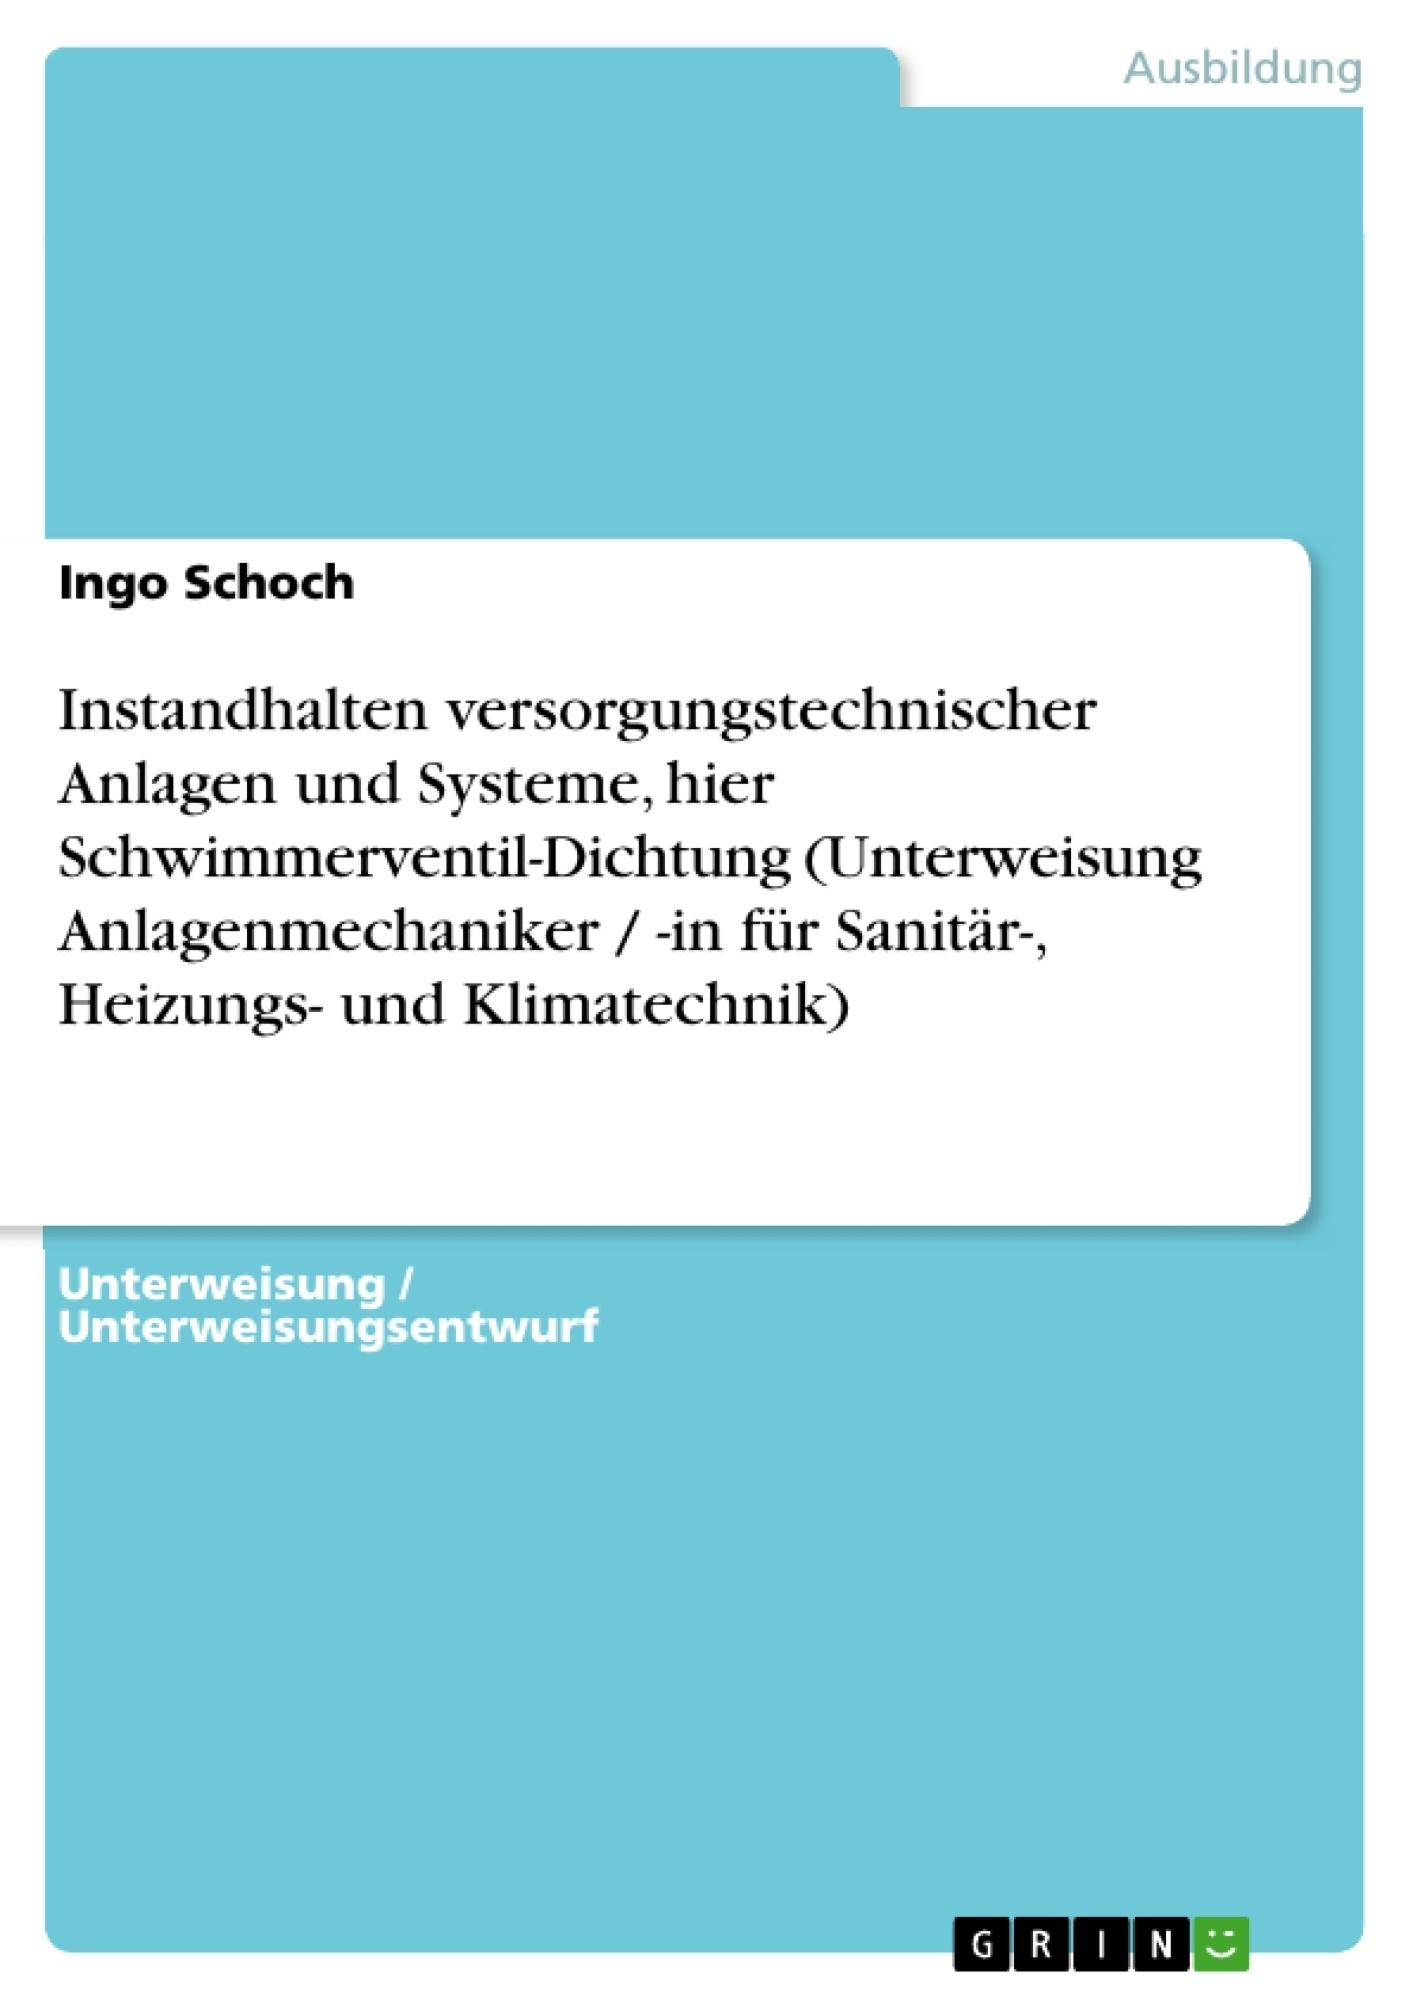 Titel: Instandhalten versorgungstechnischer Anlagen und Systeme, hier Schwimmerventil-Dichtung (Unterweisung Anlagenmechaniker / -in für Sanitär-, Heizungs- und Klimatechnik)